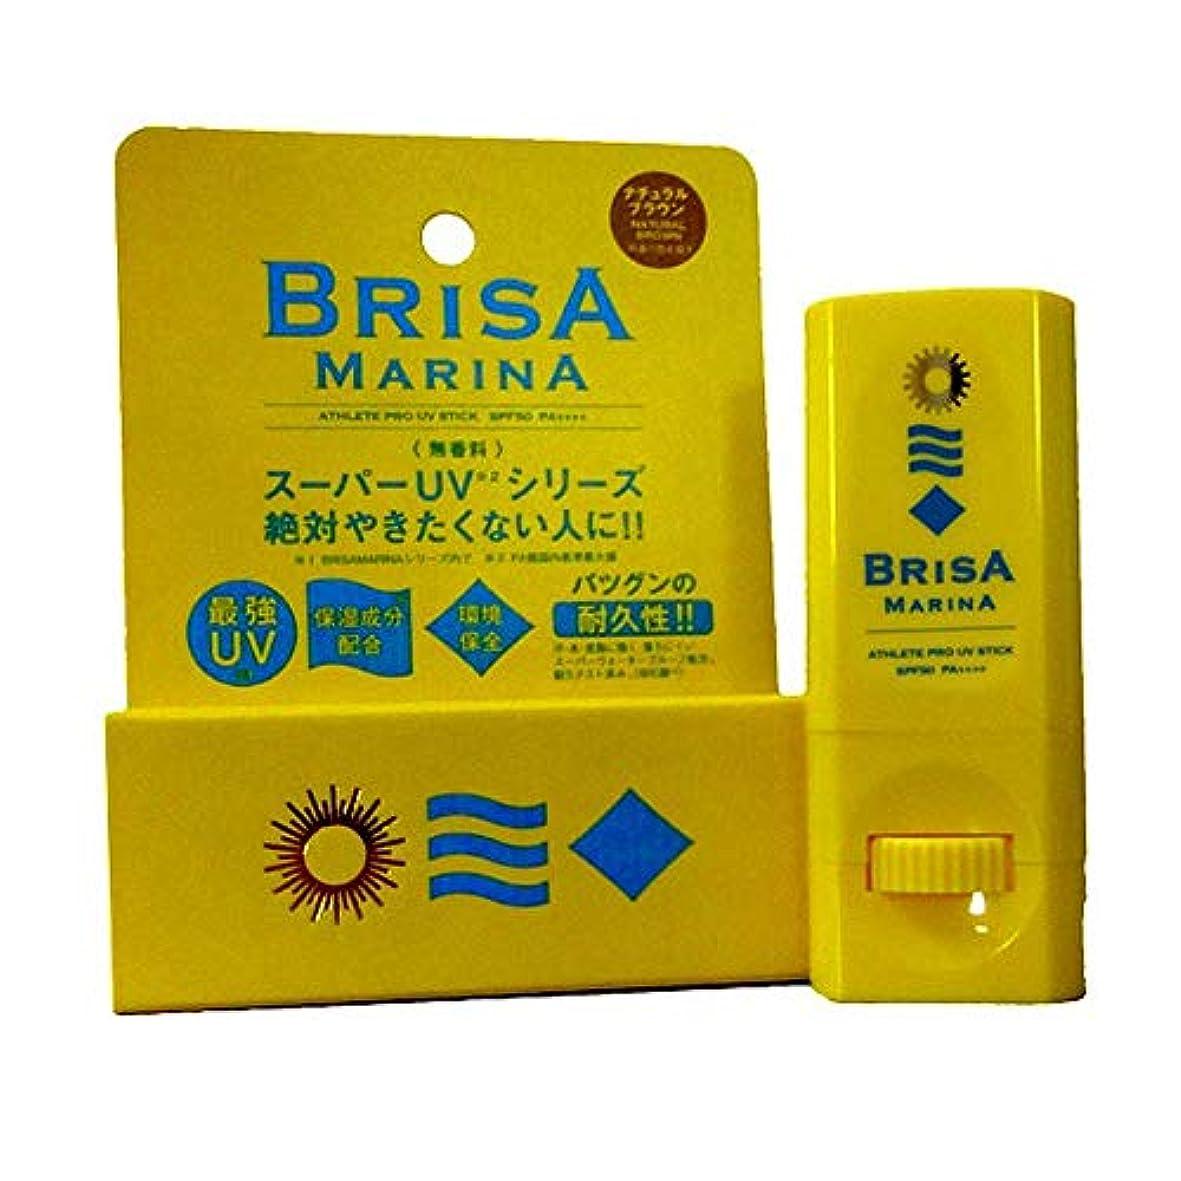 ラベ機動生活BRISA MARINA(ブリサマリーナ) ATHLETE PRO UV STICK 10g 日焼け止め スティック (02-NATURAL BROWN)